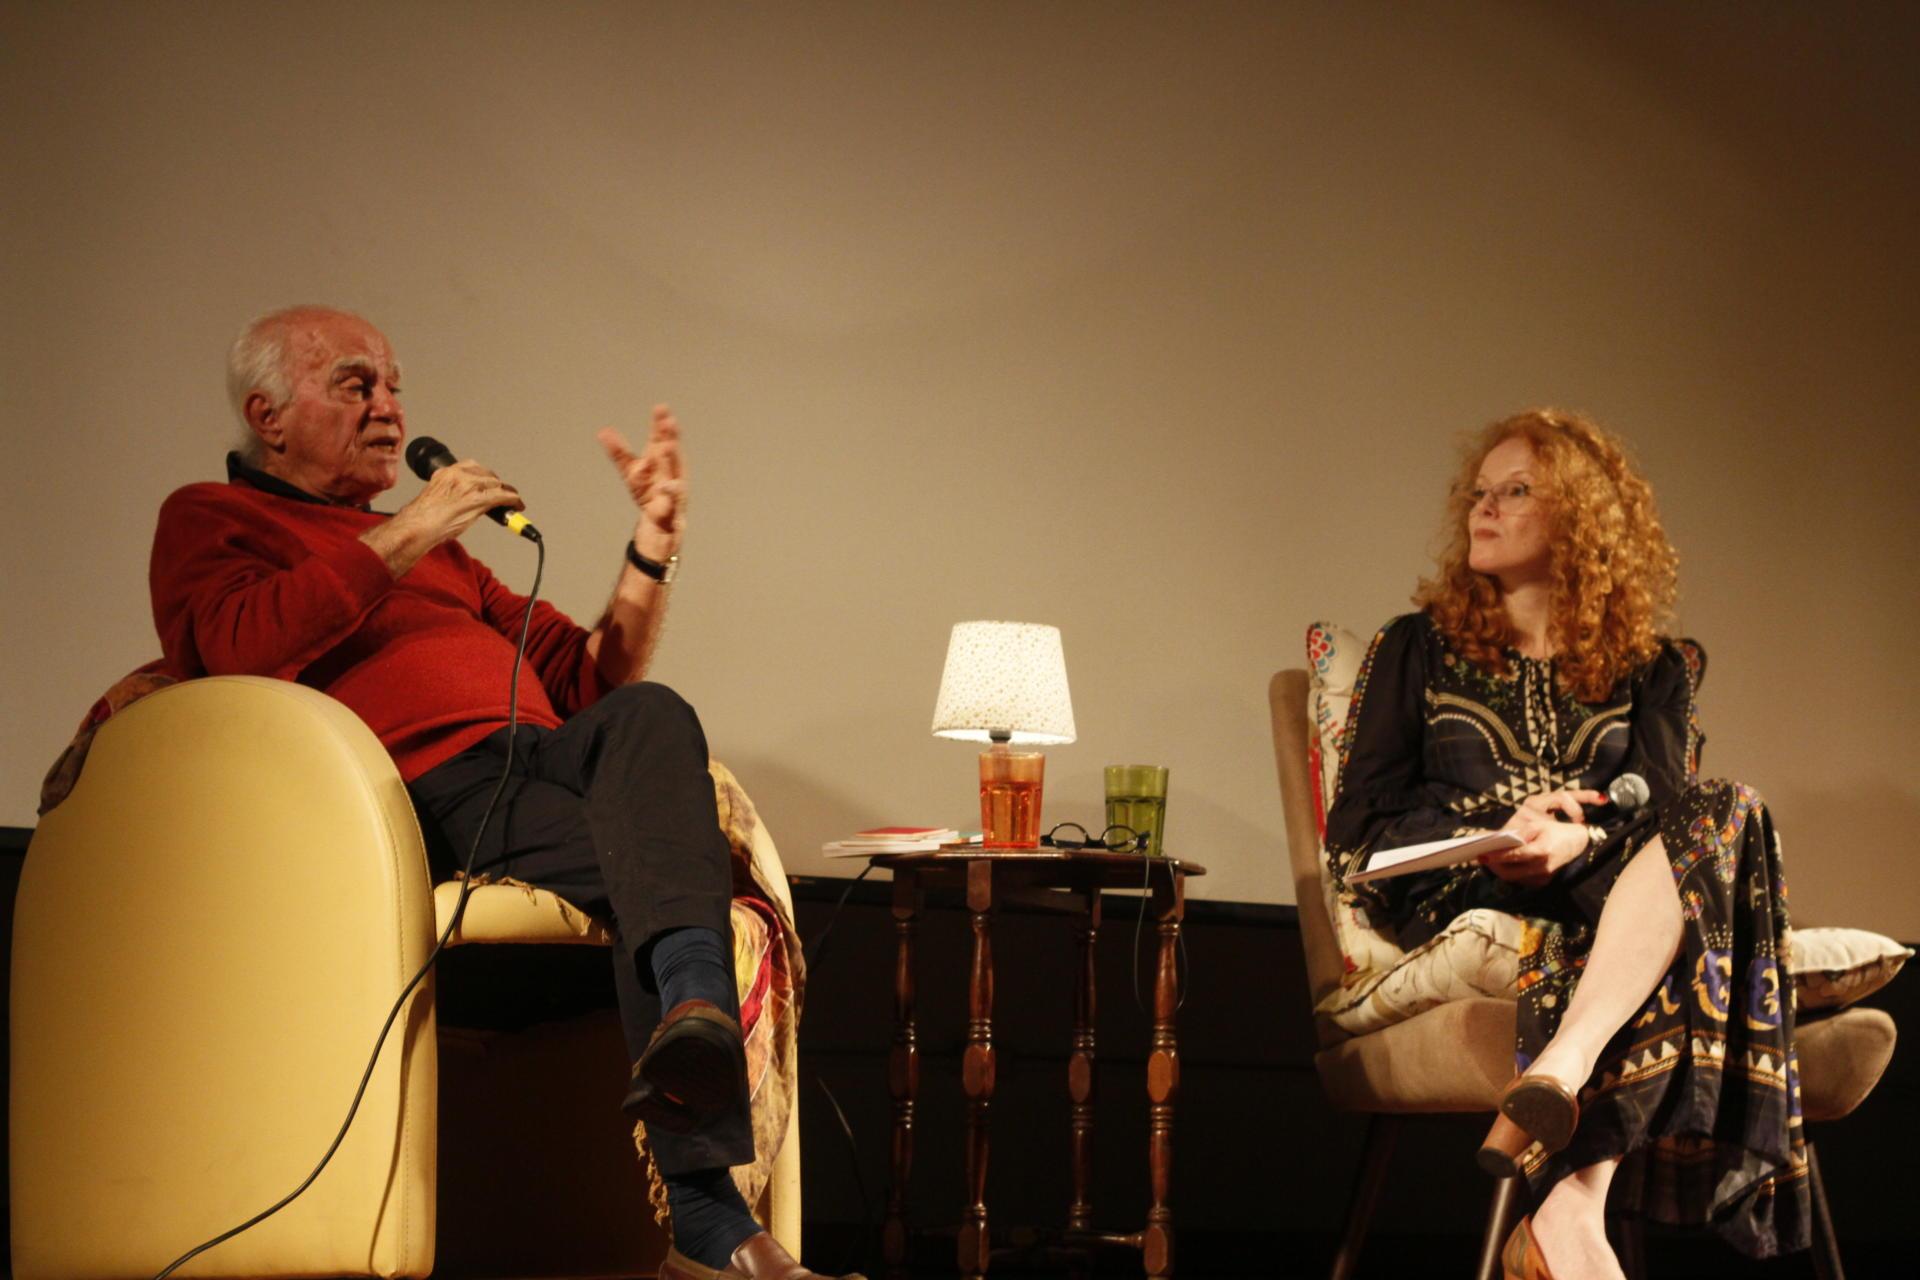 Foto colorida horizontal mostra em plano fechado, sentados em poltronas, o autor convidado falando ao microfone e ao lado uma mulher ruiva olhando para ele